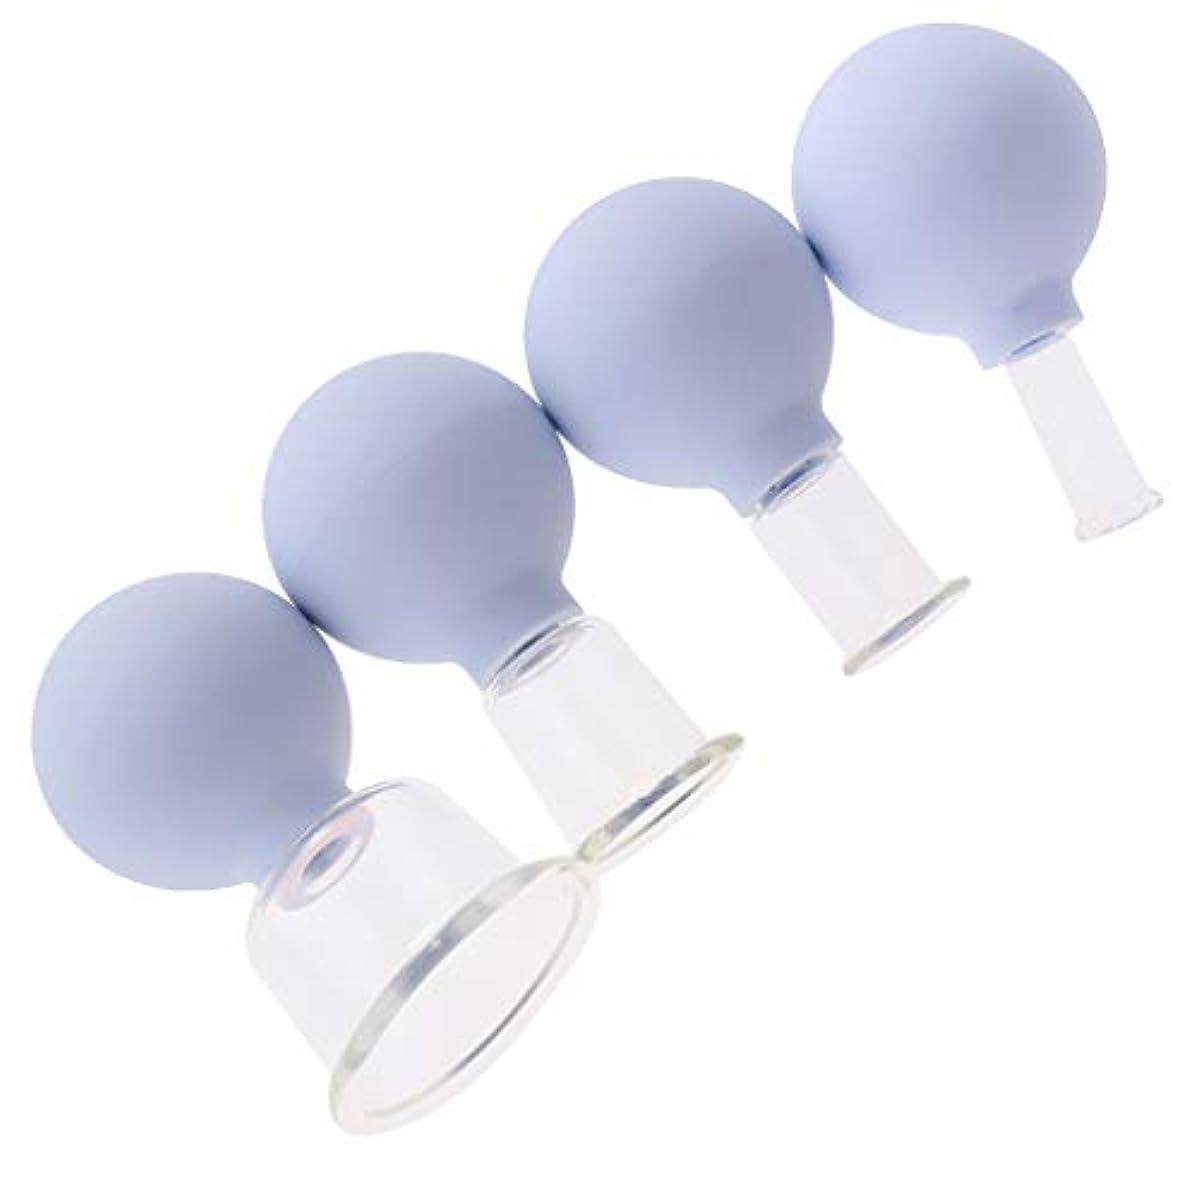 議論する先駆者塩辛いD DOLITY マッサージカップ 吸い玉 カッピングセット ガラスカッピング 真空 男女兼用 ギフト 4個 全3色 - 白